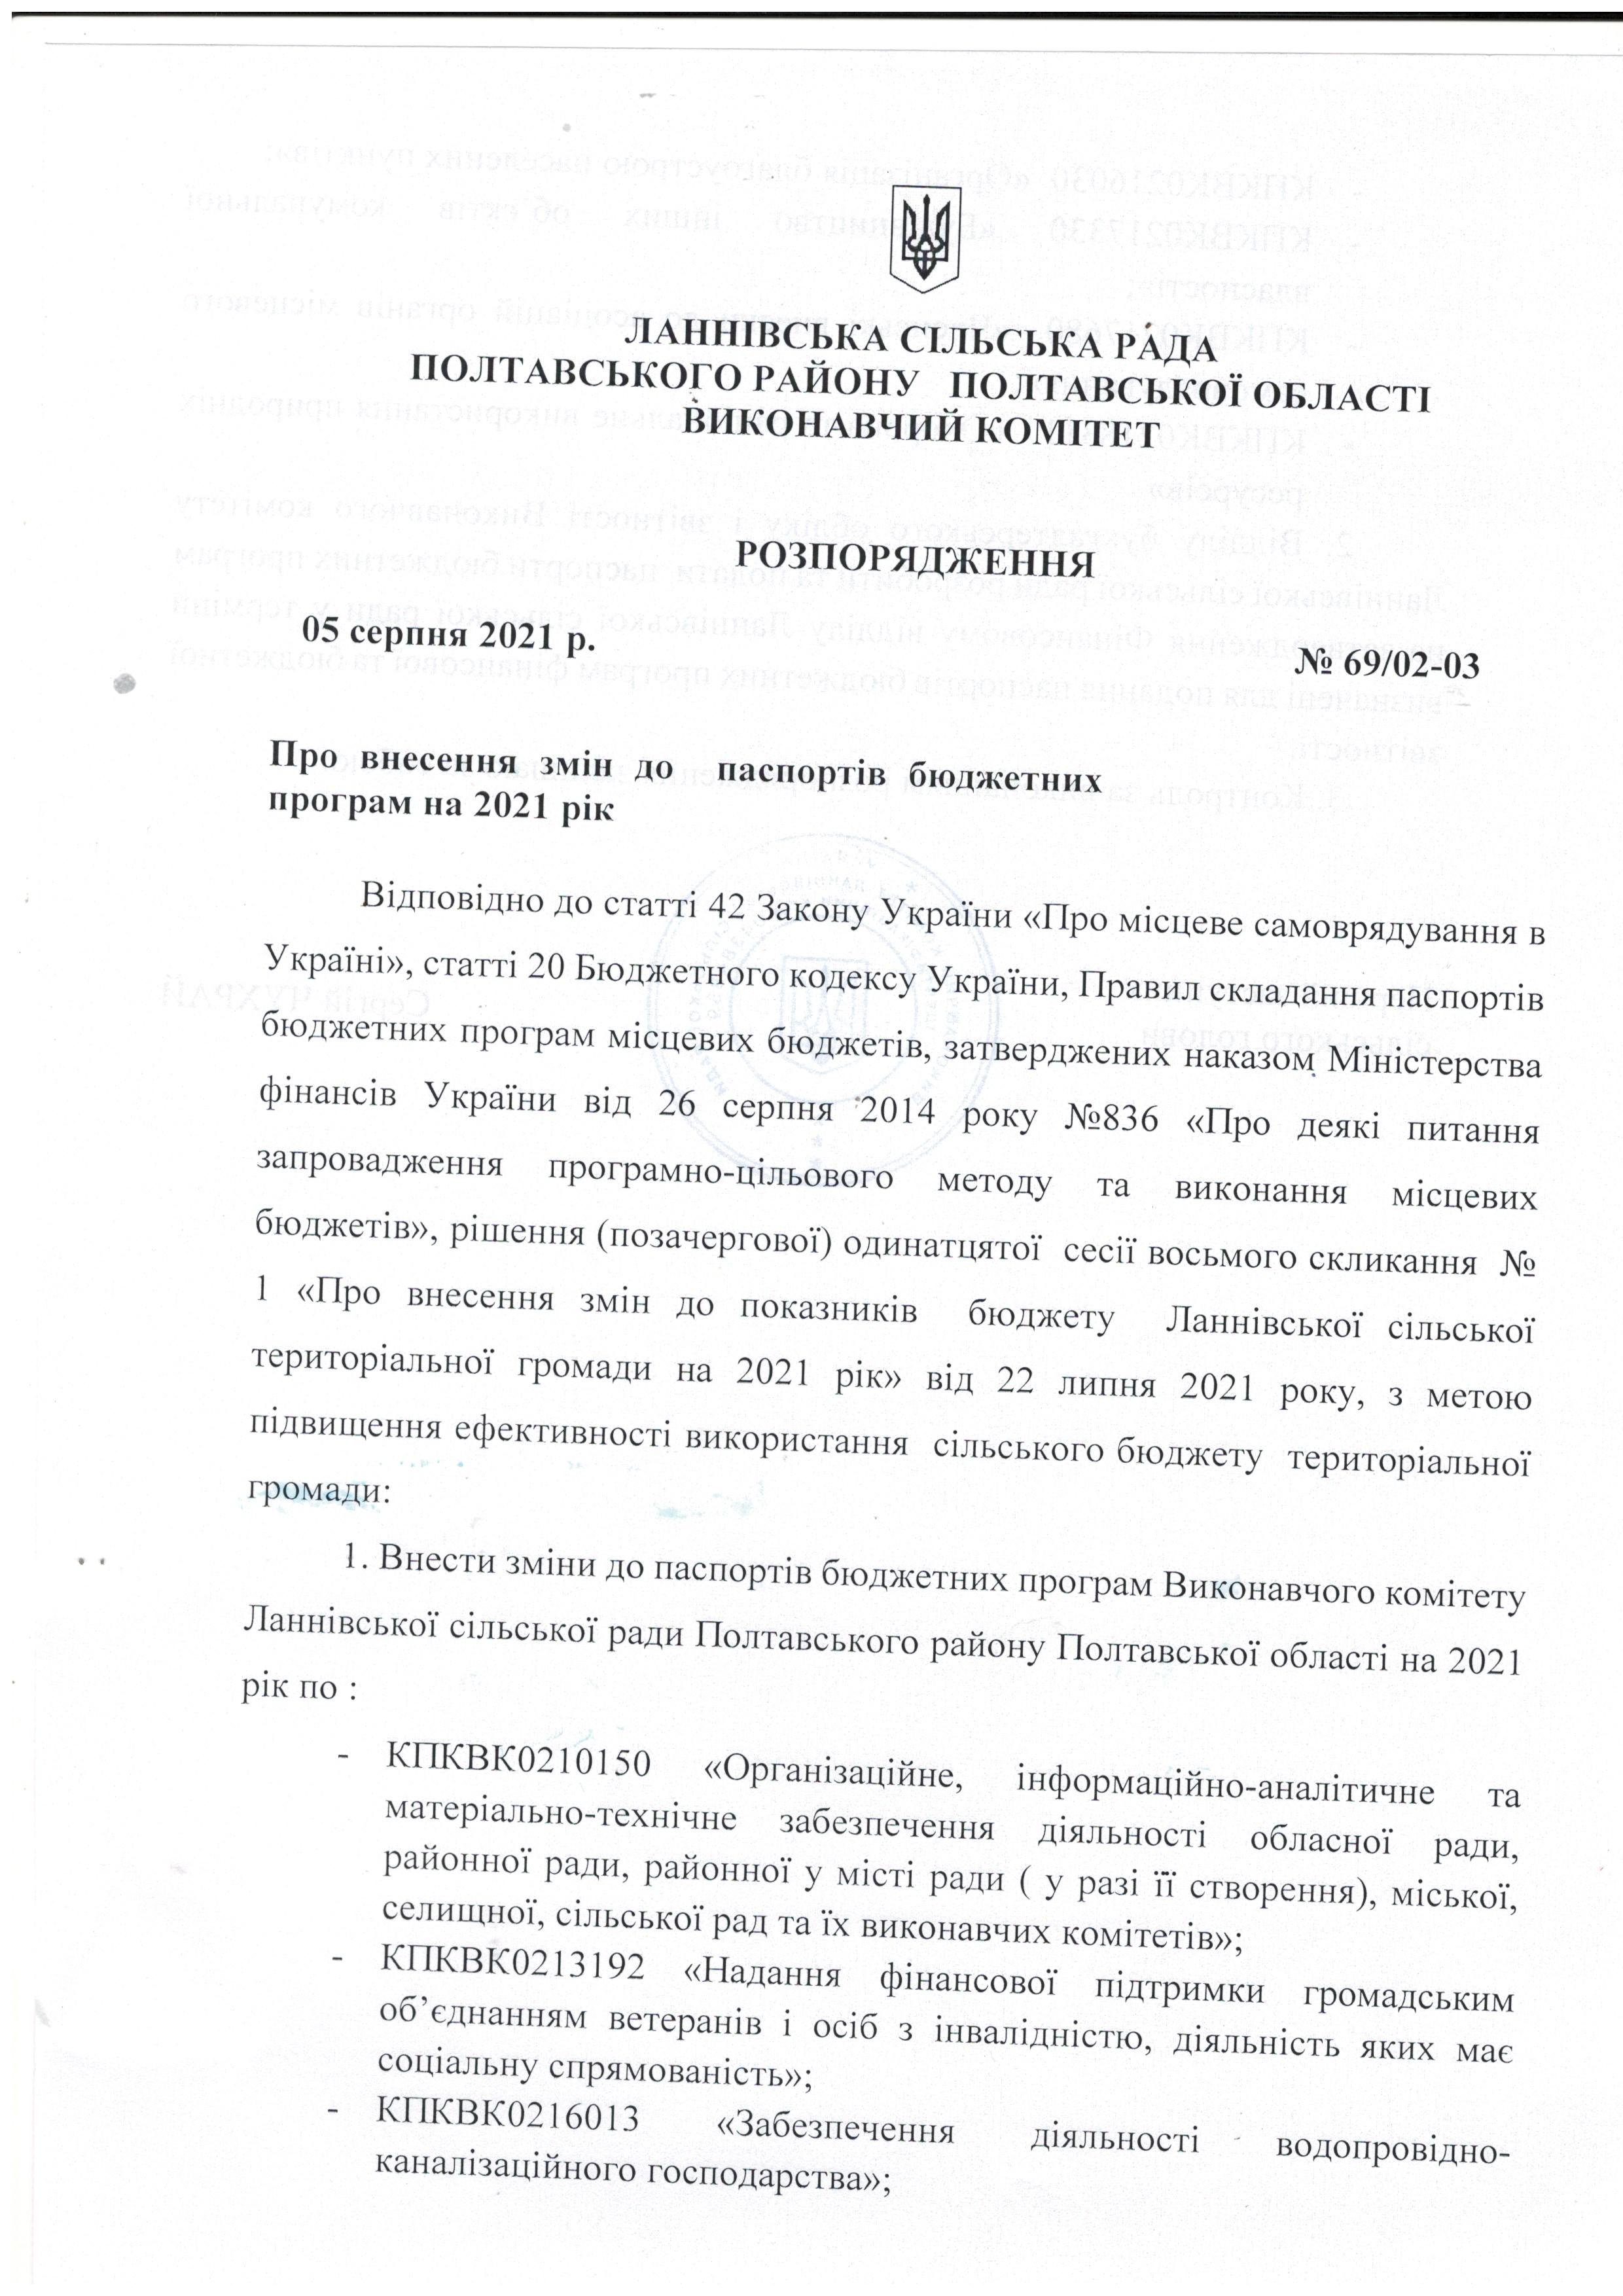 Розпорядження про внесення змін до паспортів бюджетних програм на 2021 рік 05.08.2021